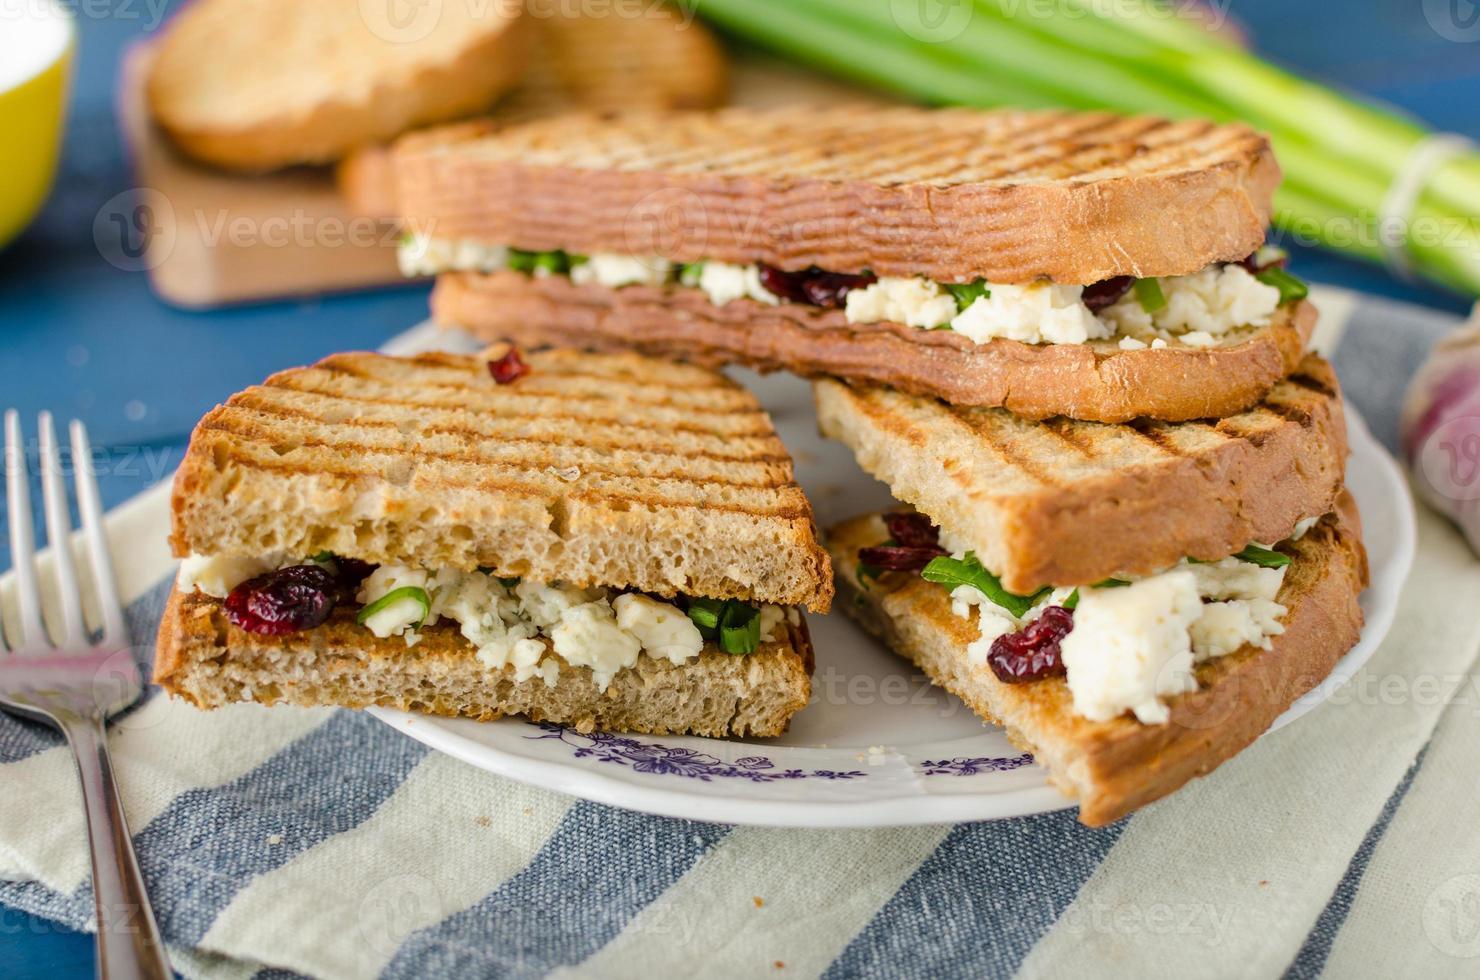 Sandwich mit Blauschimmelkäse und Preiselbeeren foto